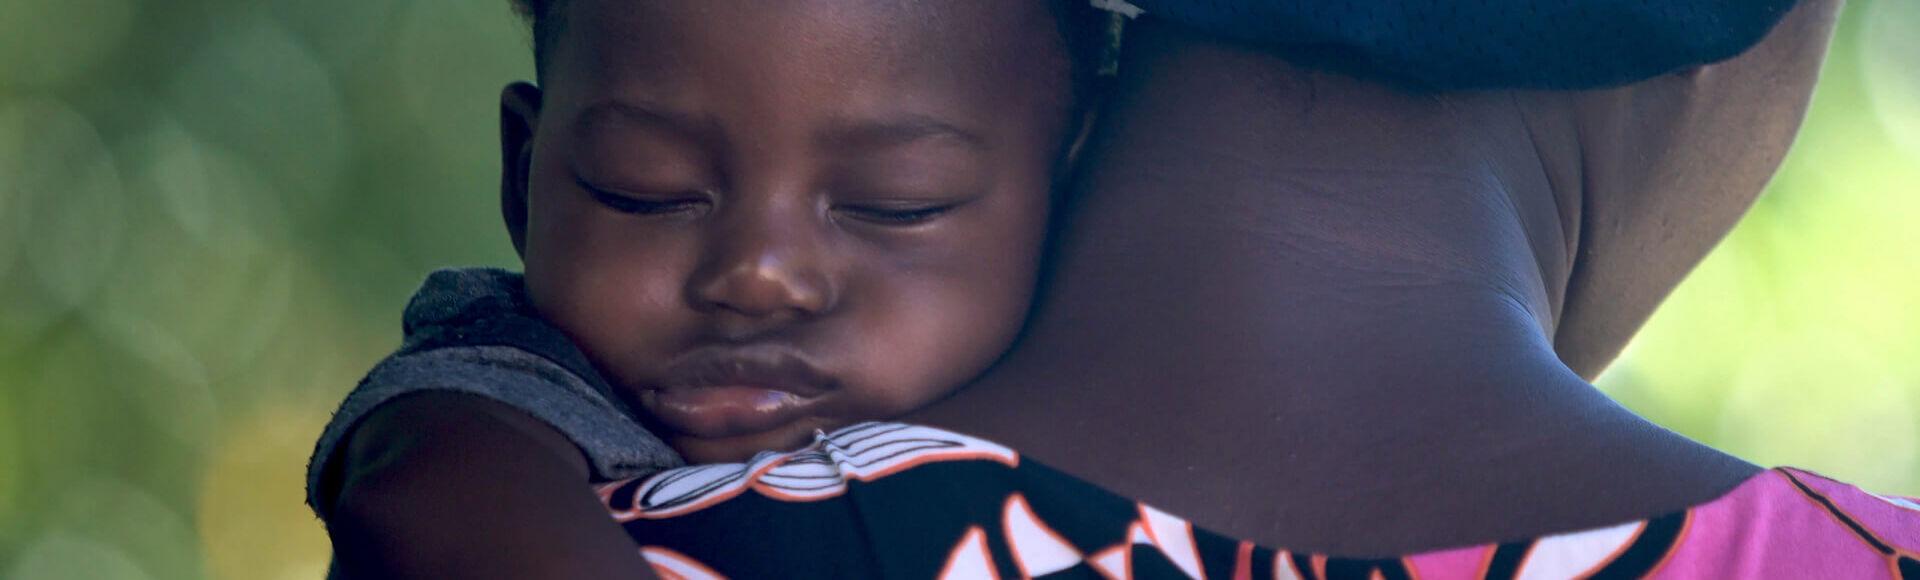 Hábitos de sono do recém nascido